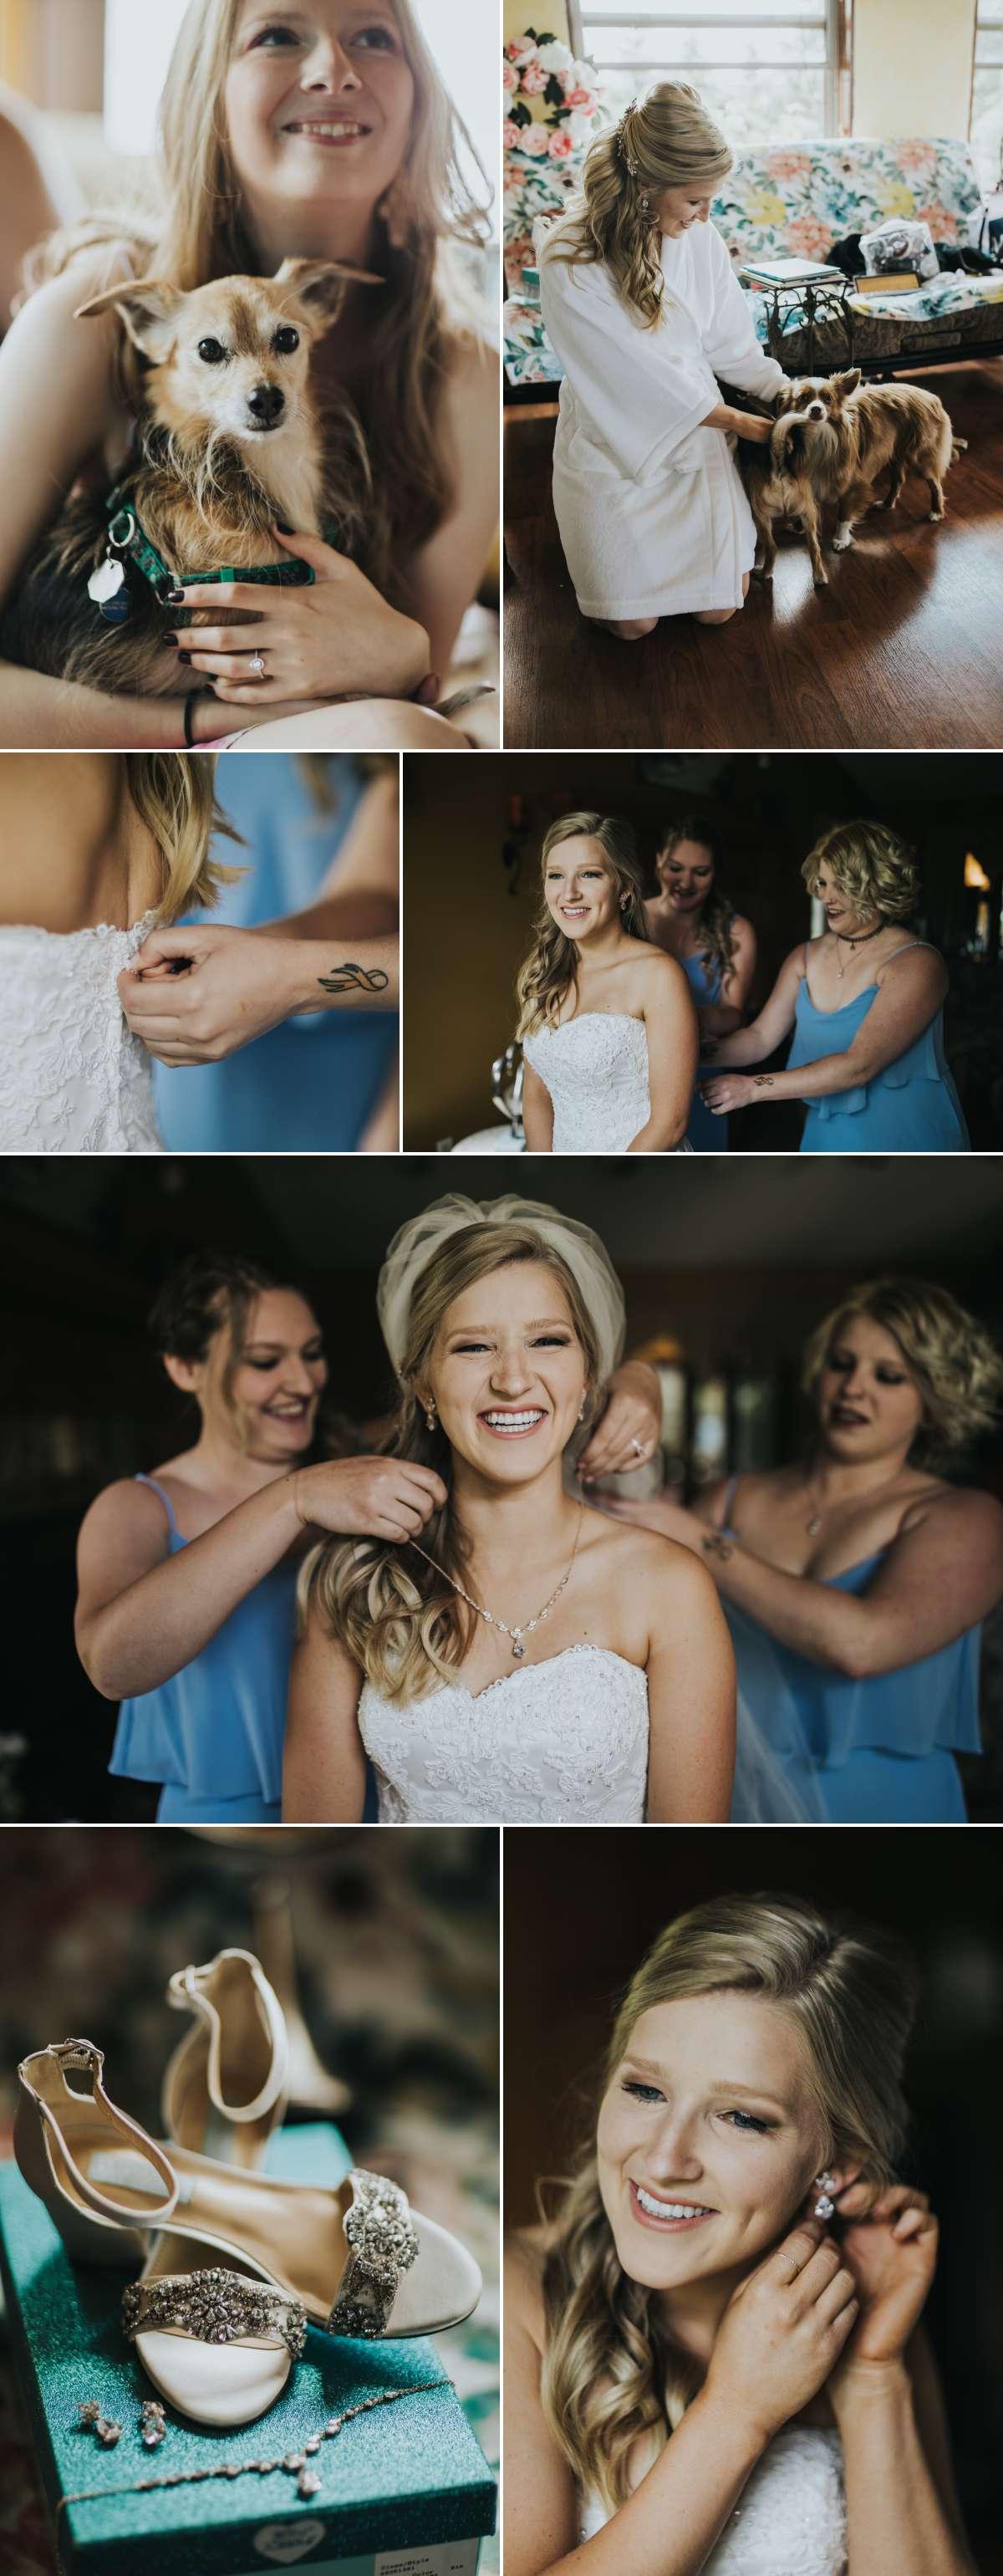 Bridal prep in Minnesota